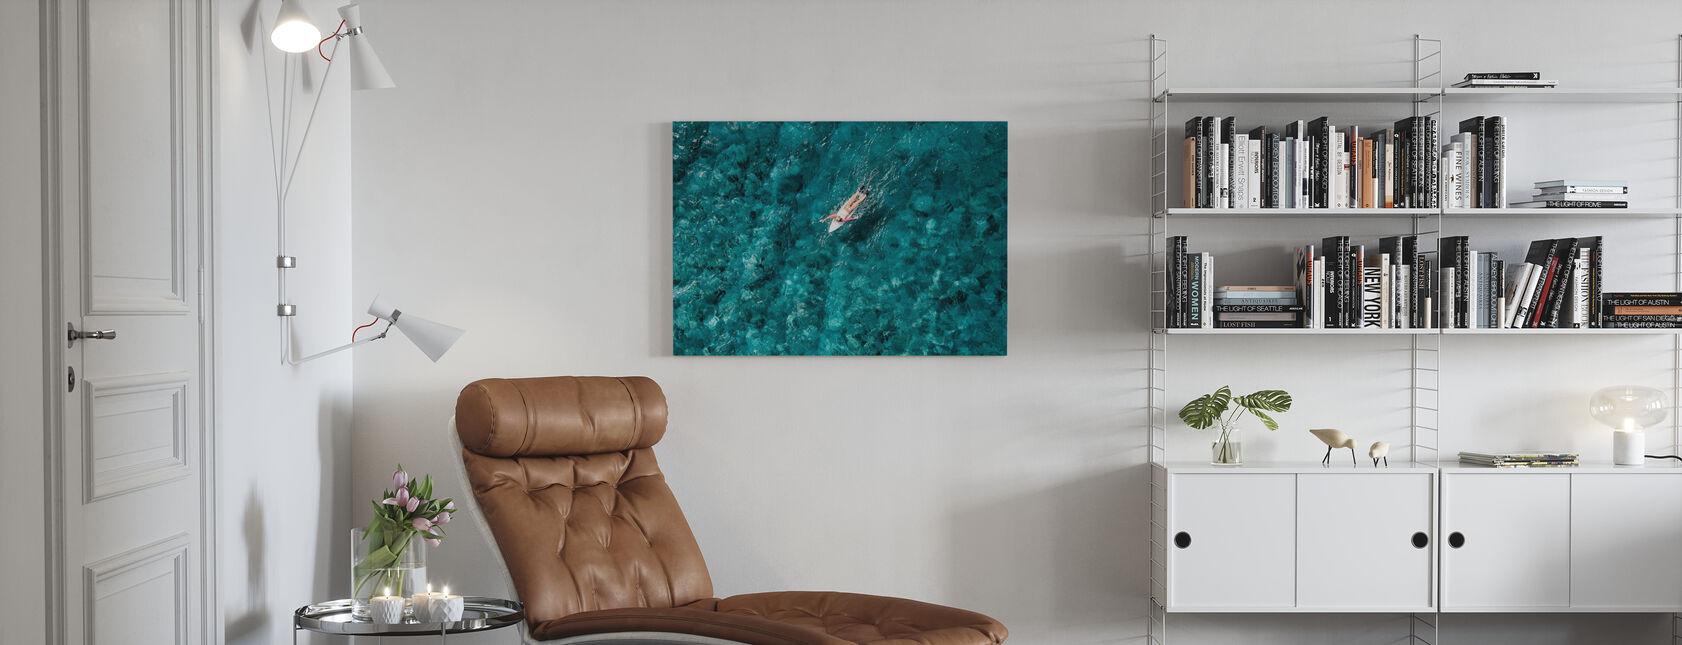 Surf Paddling i havet - Billede på lærred - Stue